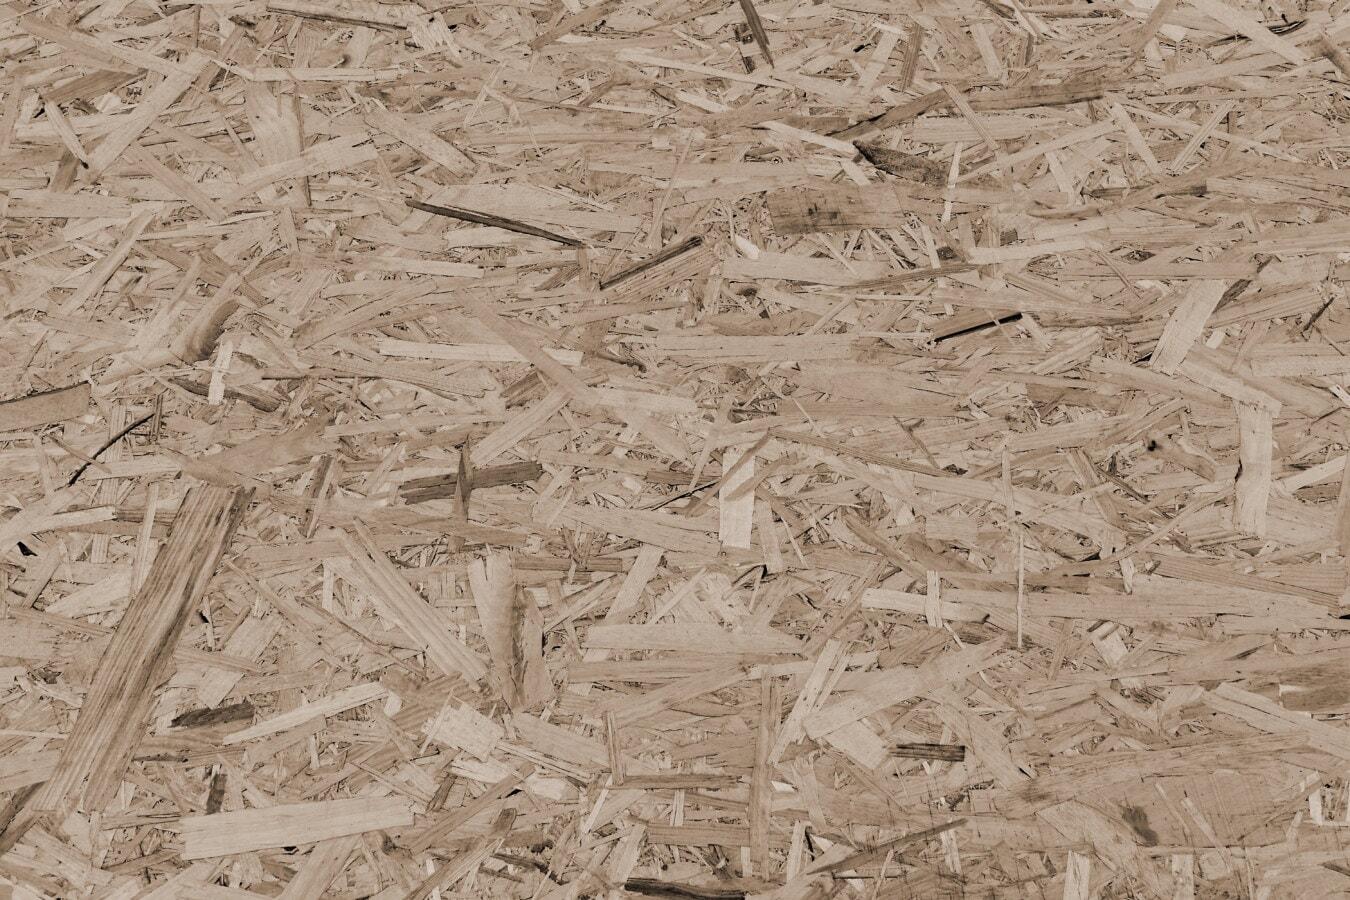 Sägemehl, Spanplatte, Material, hellbraun, Textur, aus Holz, Oberfläche, Sperrholz, rau, Holz